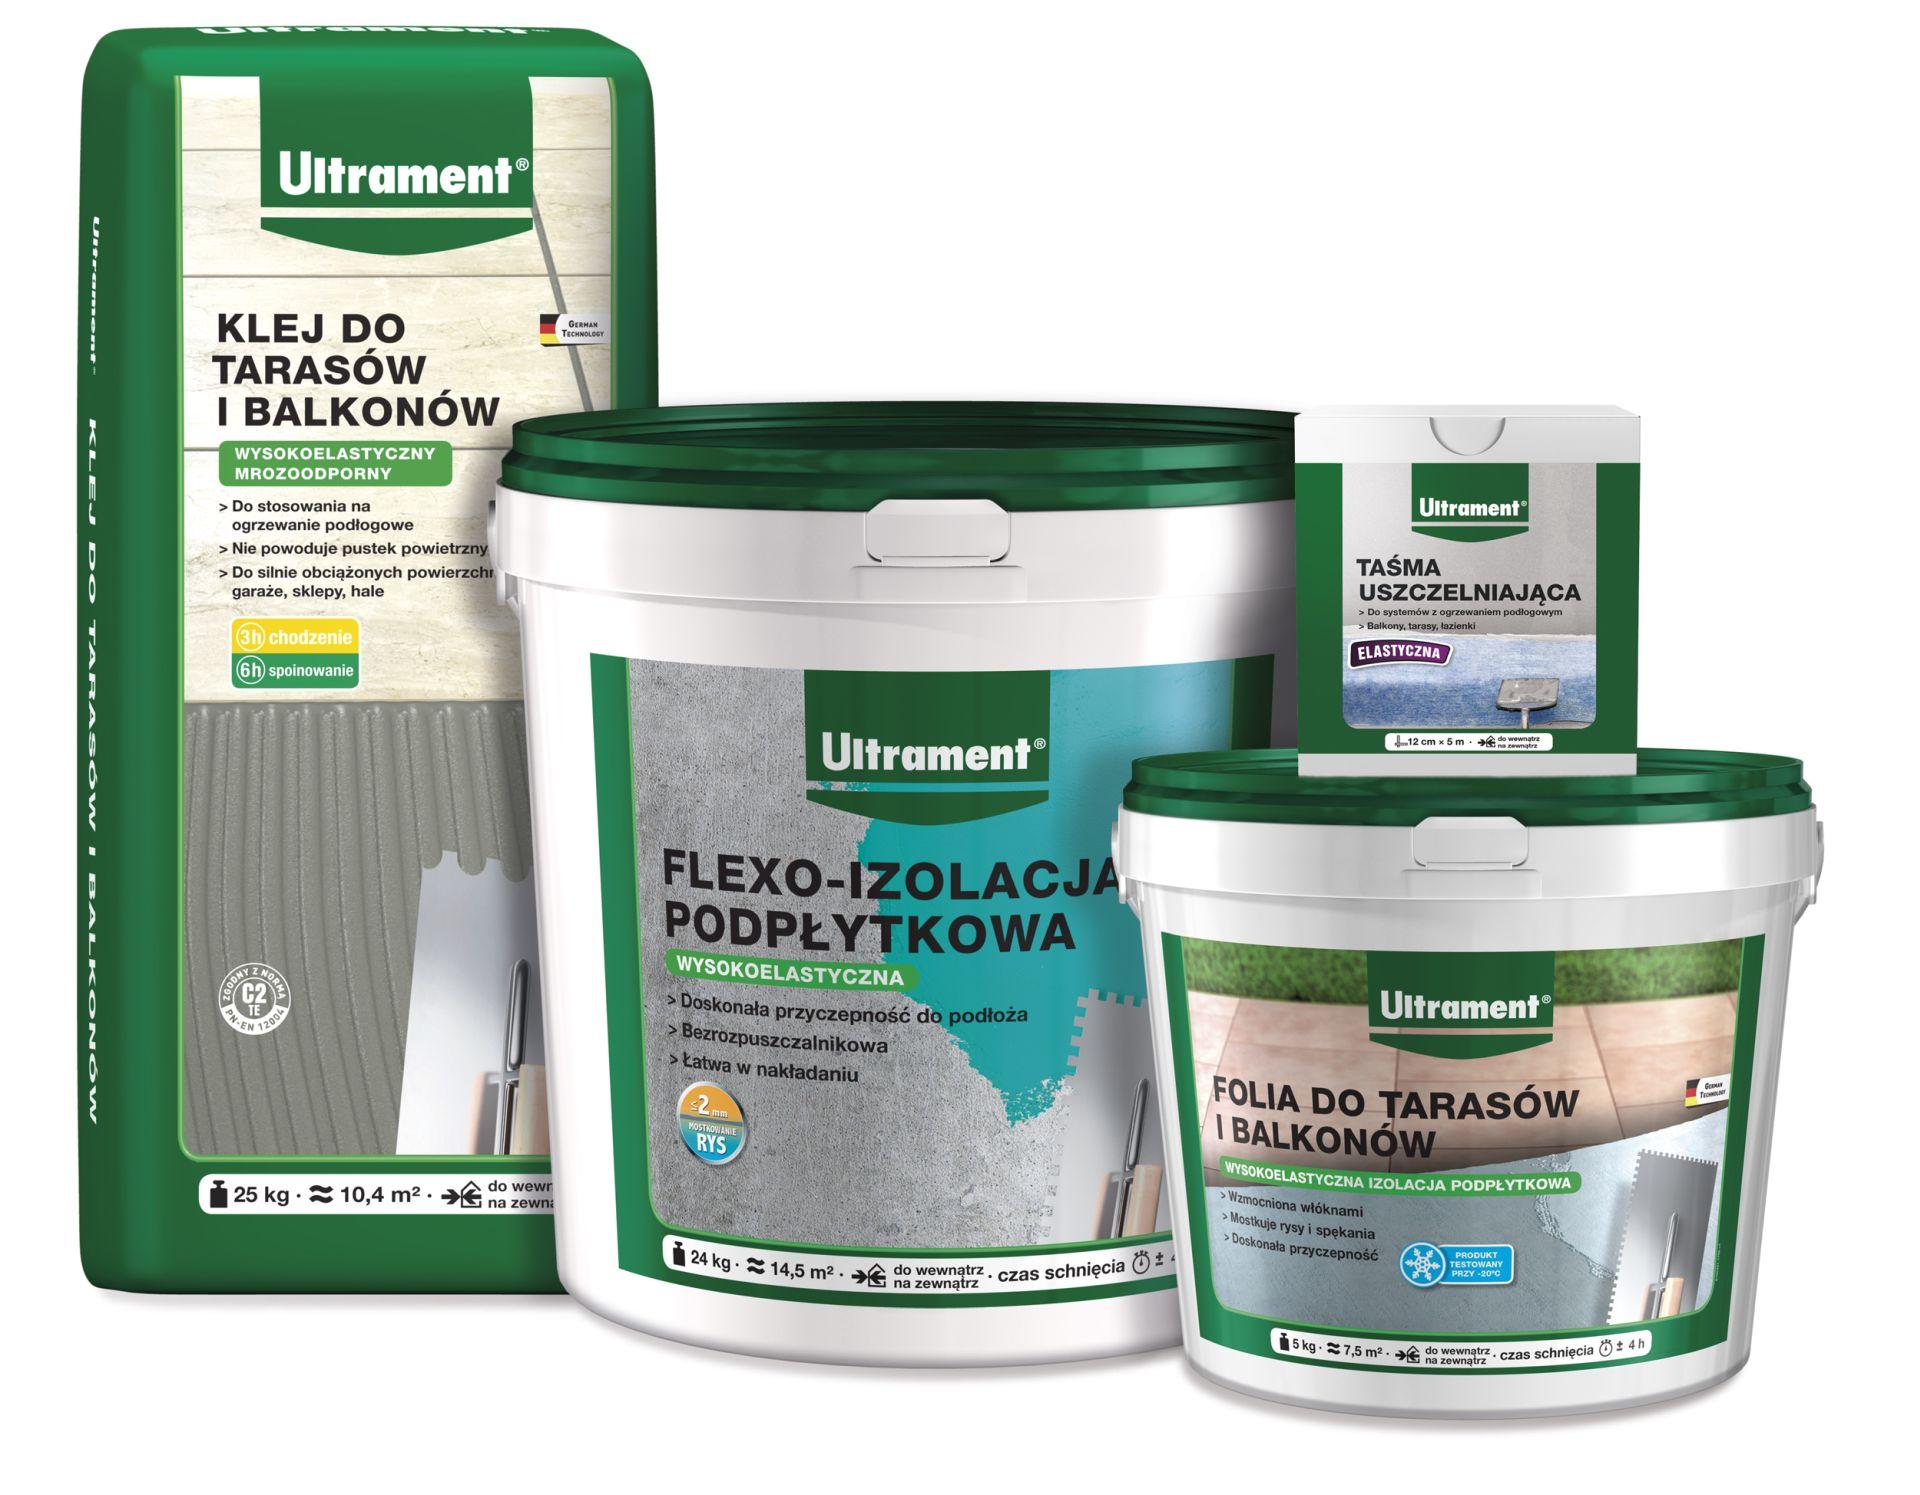 Linia produktów do budowy tarasu i balkonu od Ultrament